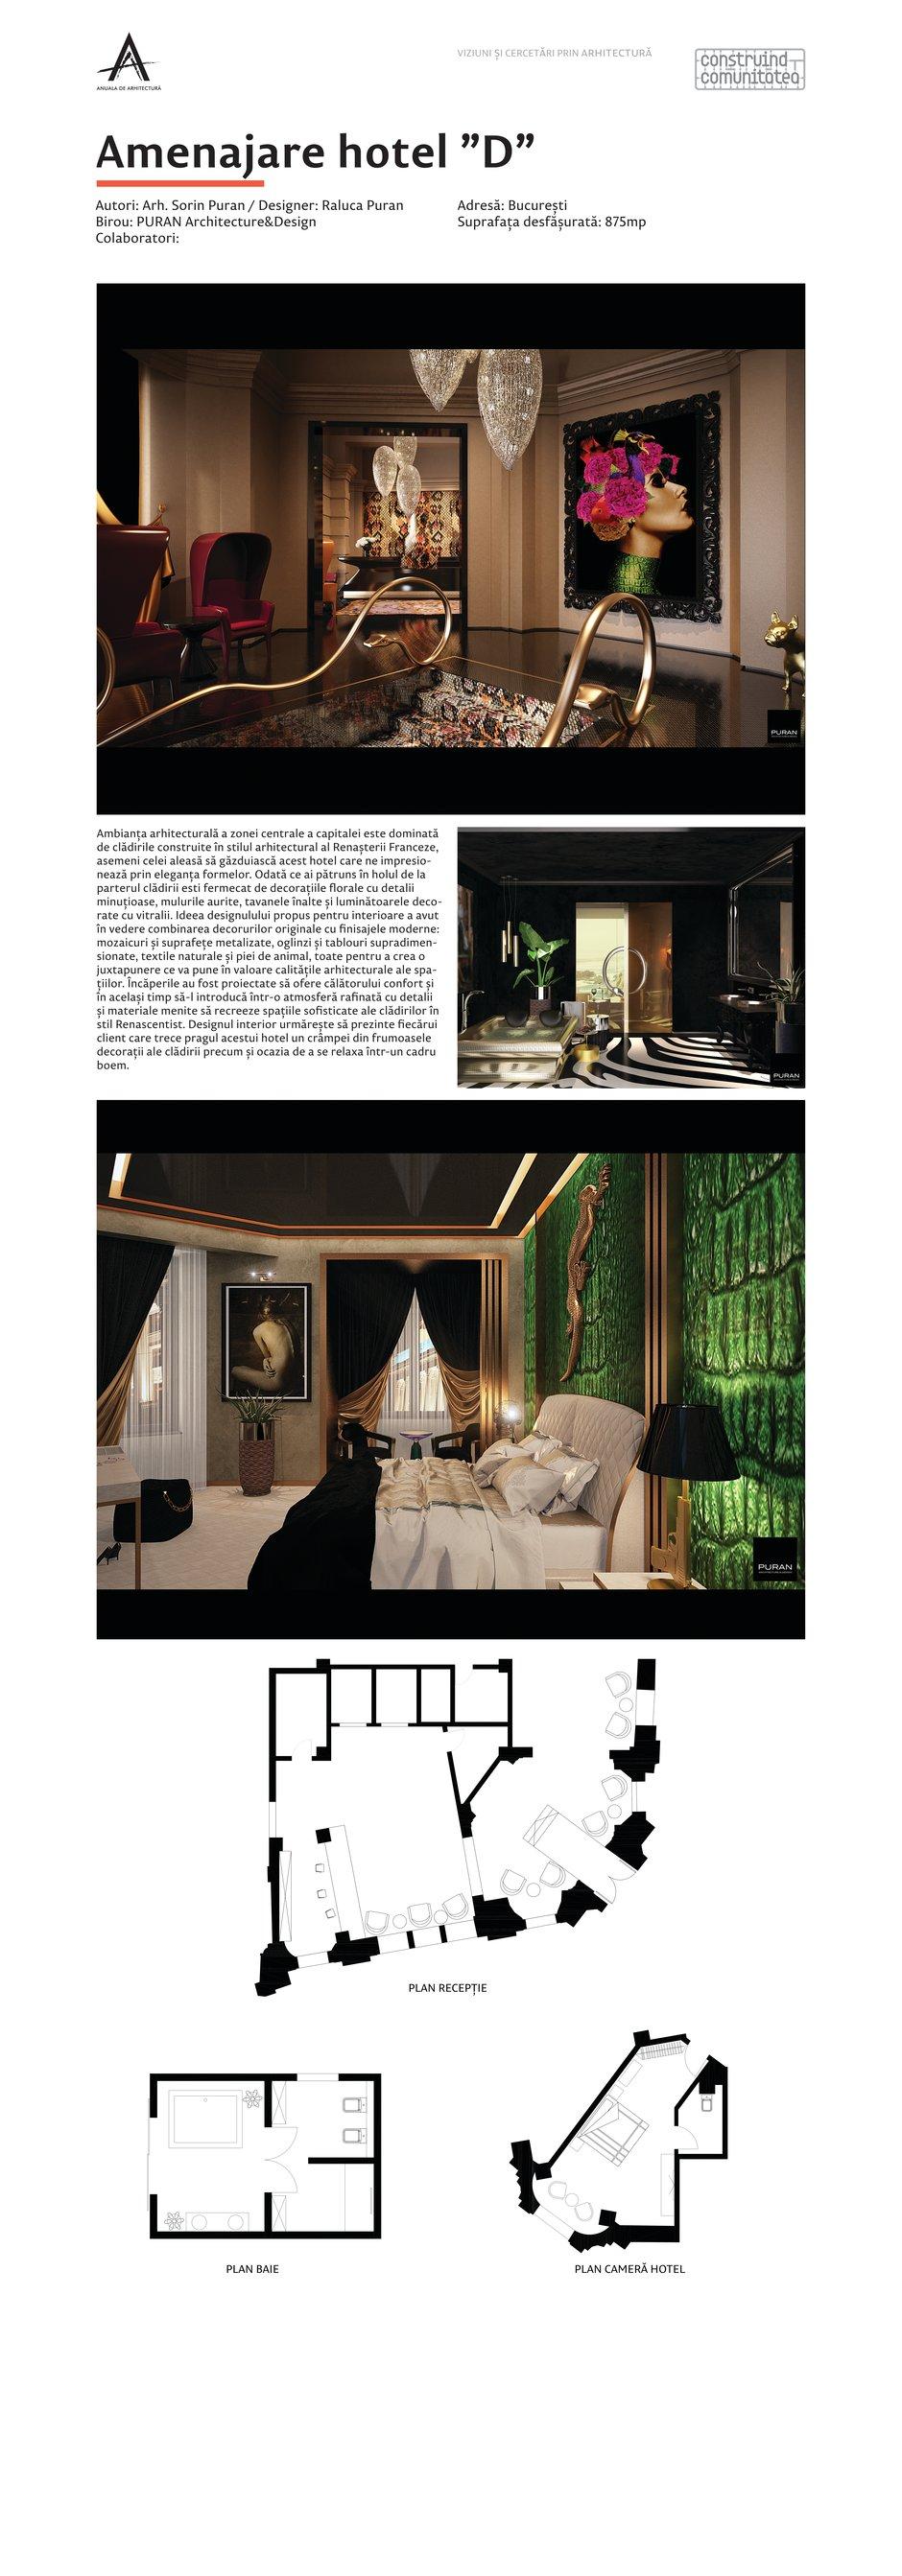 viziune și arhitectură